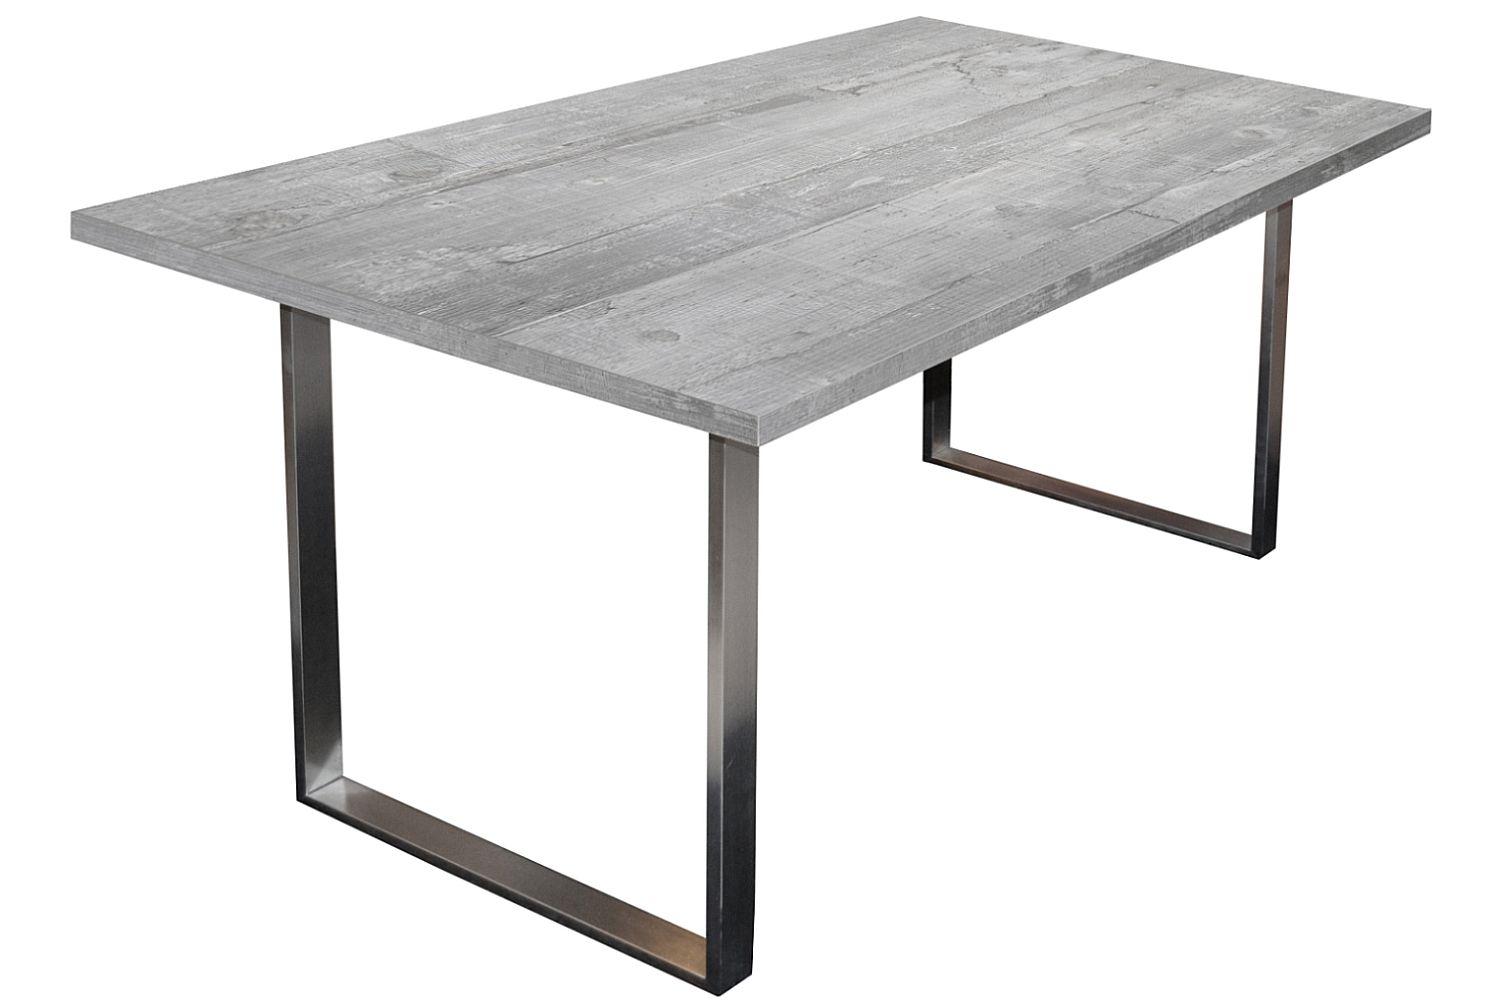 Steel Esstisch 0546/140-90 beton